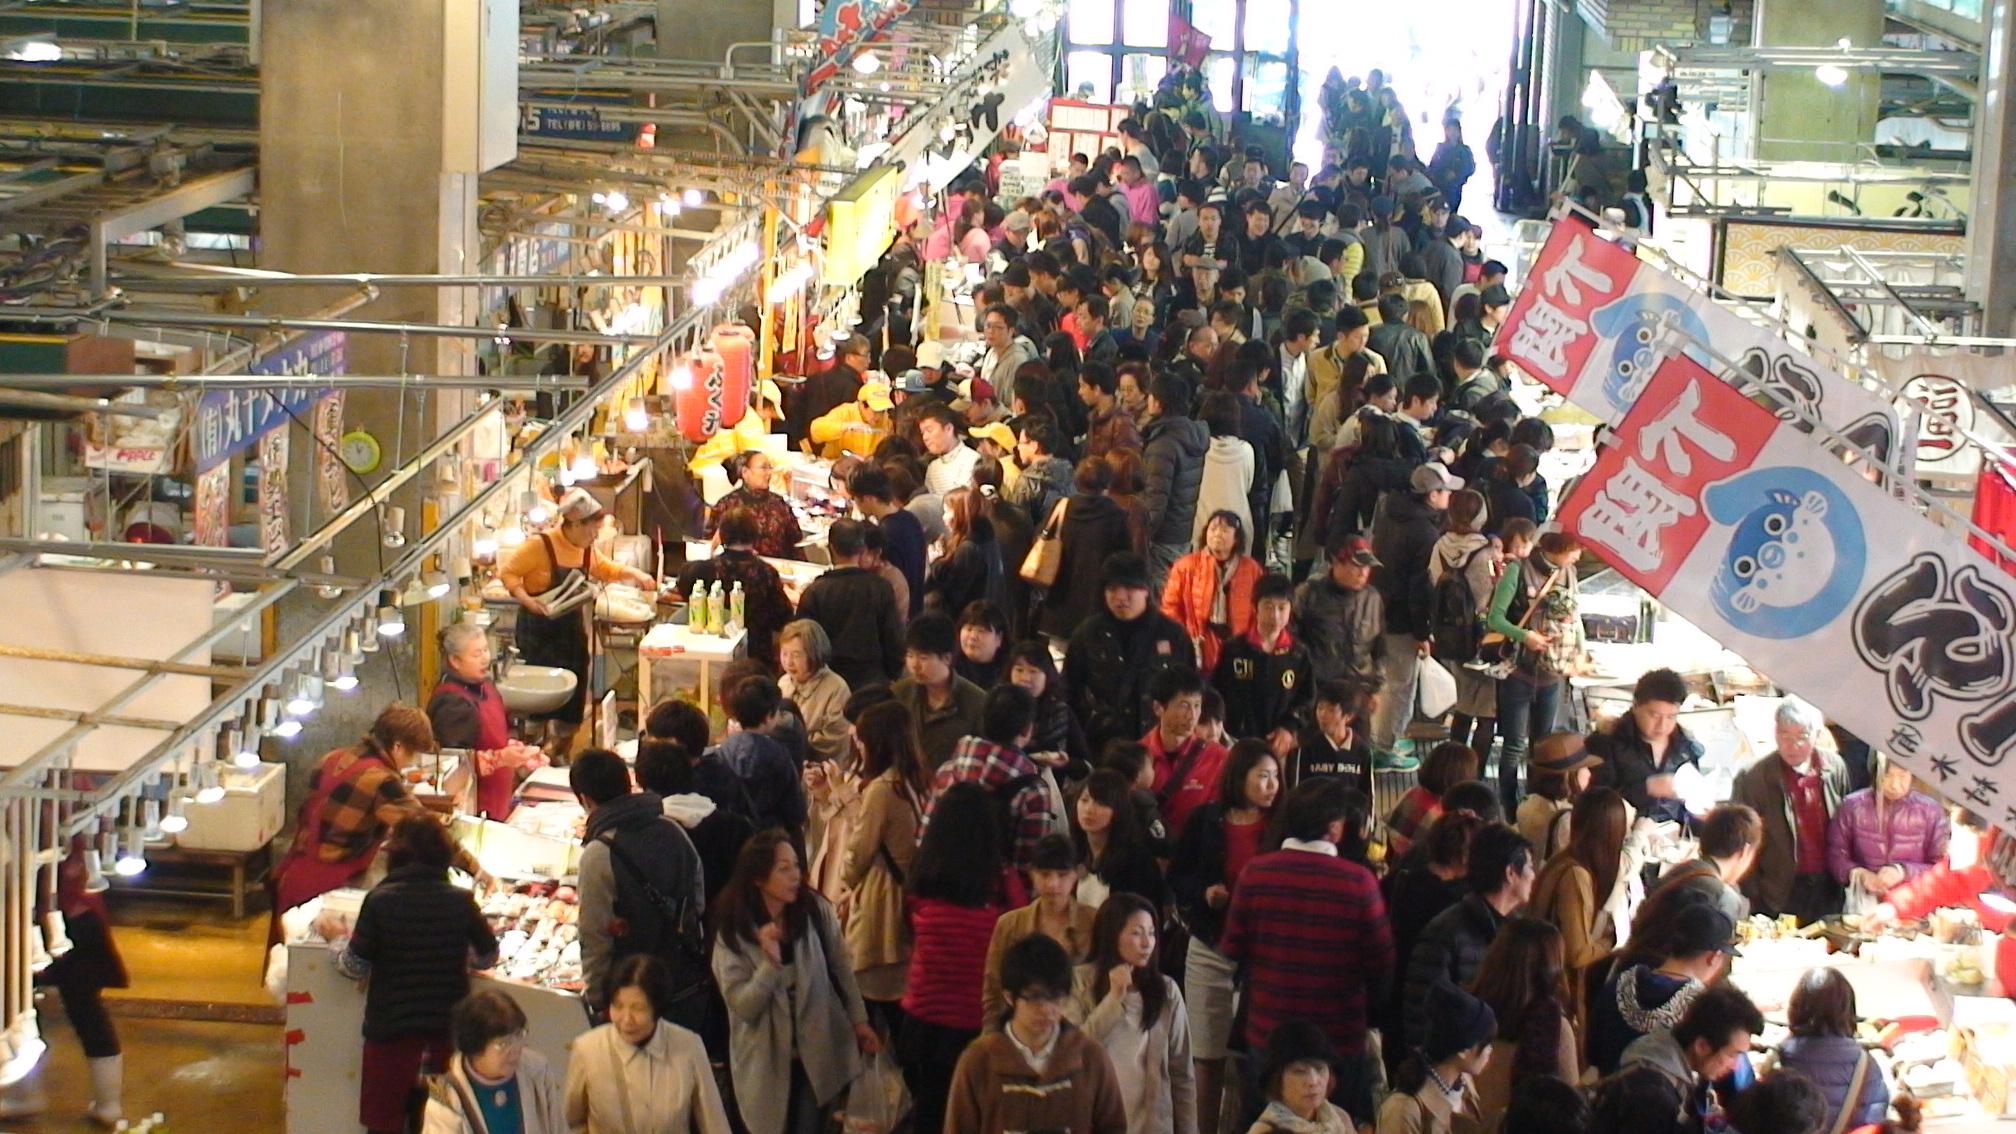 """一定要品尝一下这里的名产河豚!在唐户市场""""活跃的马关街""""尽情品尝各式美味海鲜"""